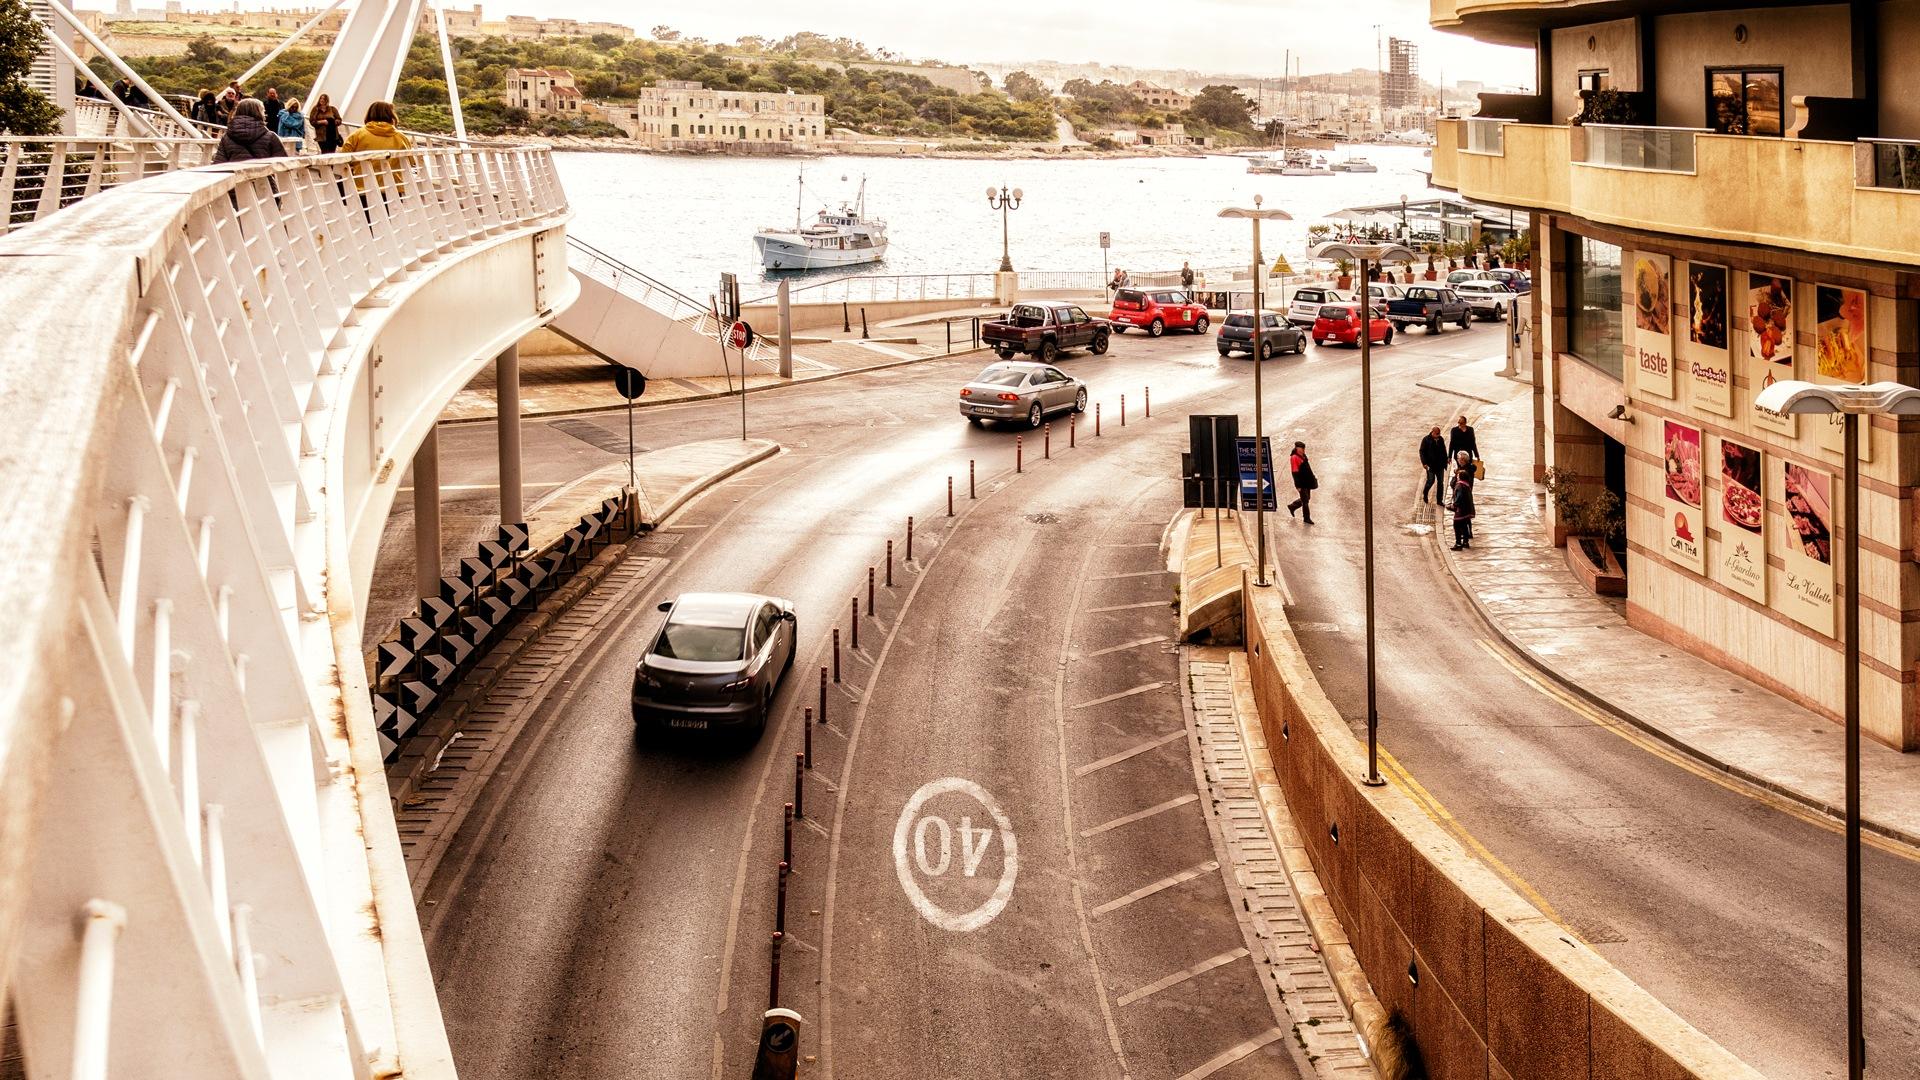 Cloud evening in Valletta  by Venelin Todorov